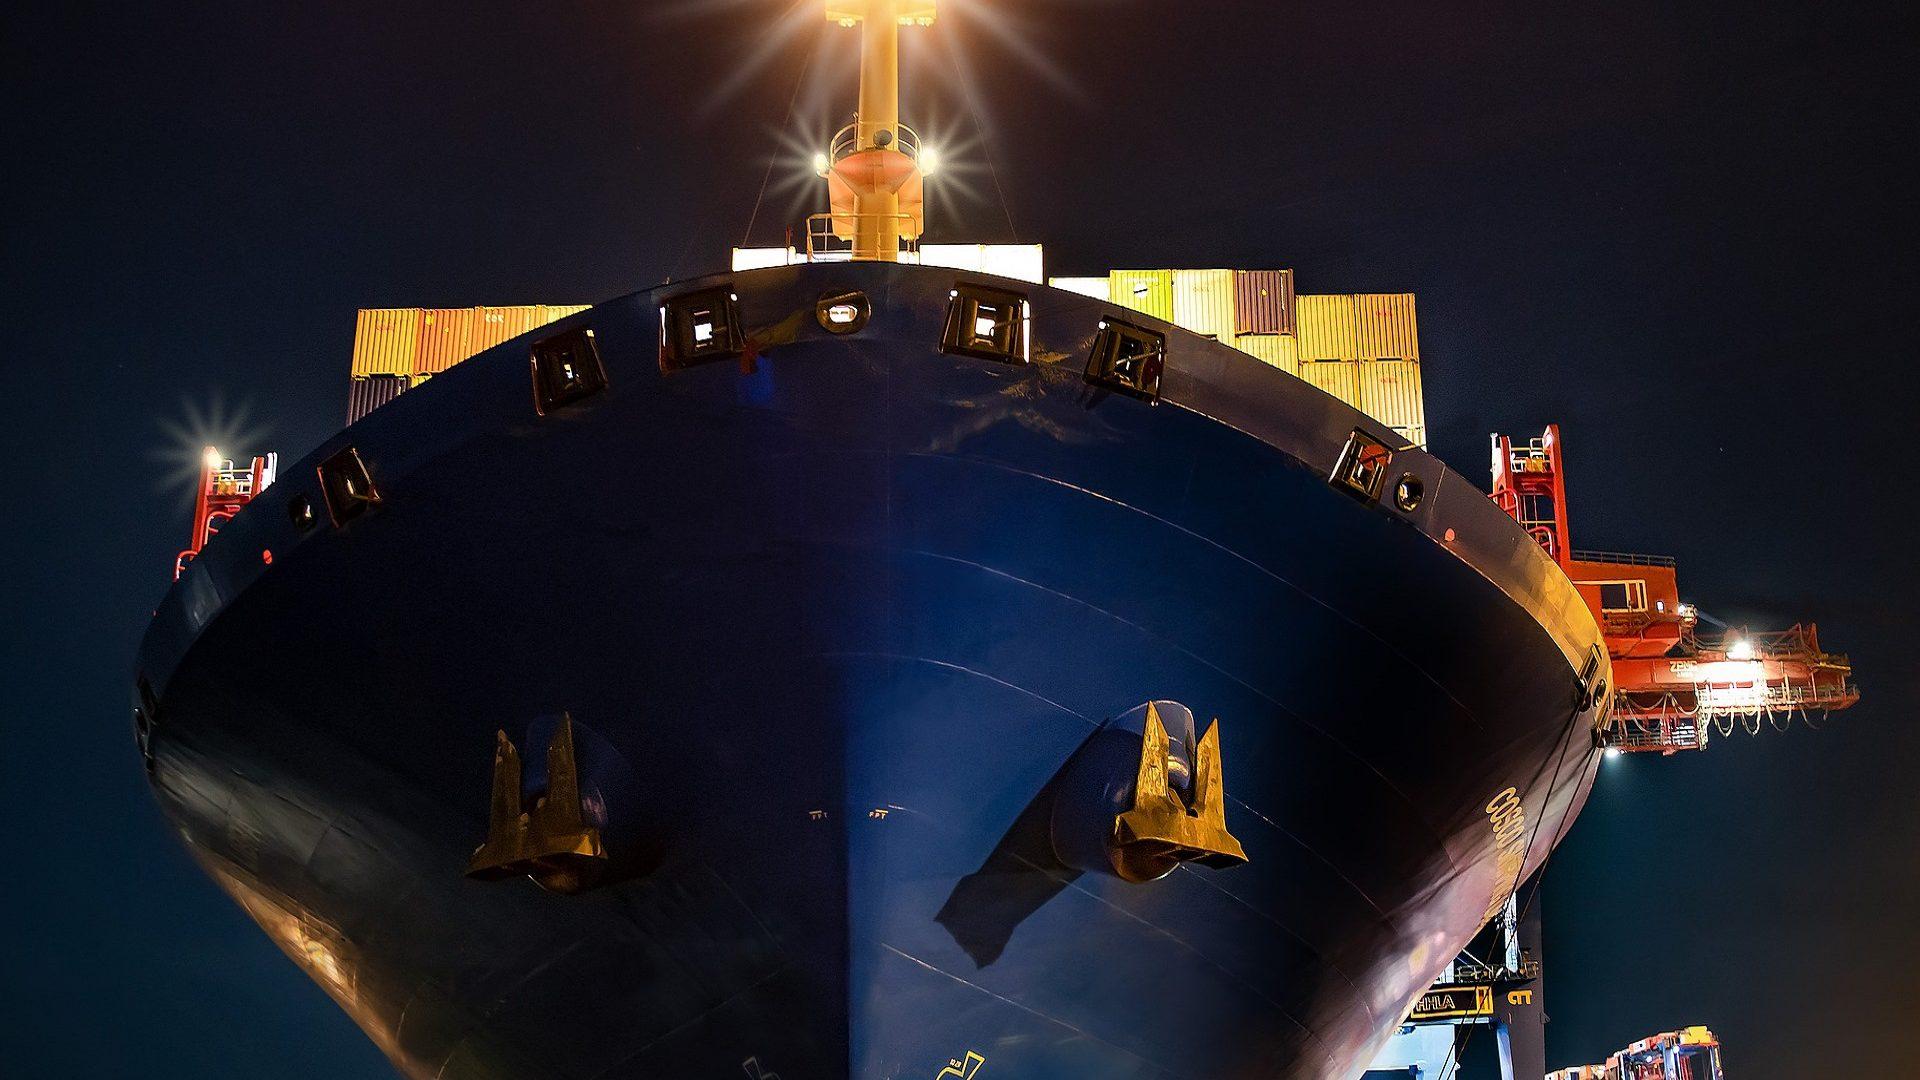 Transporte marítimo internacional de mercancías